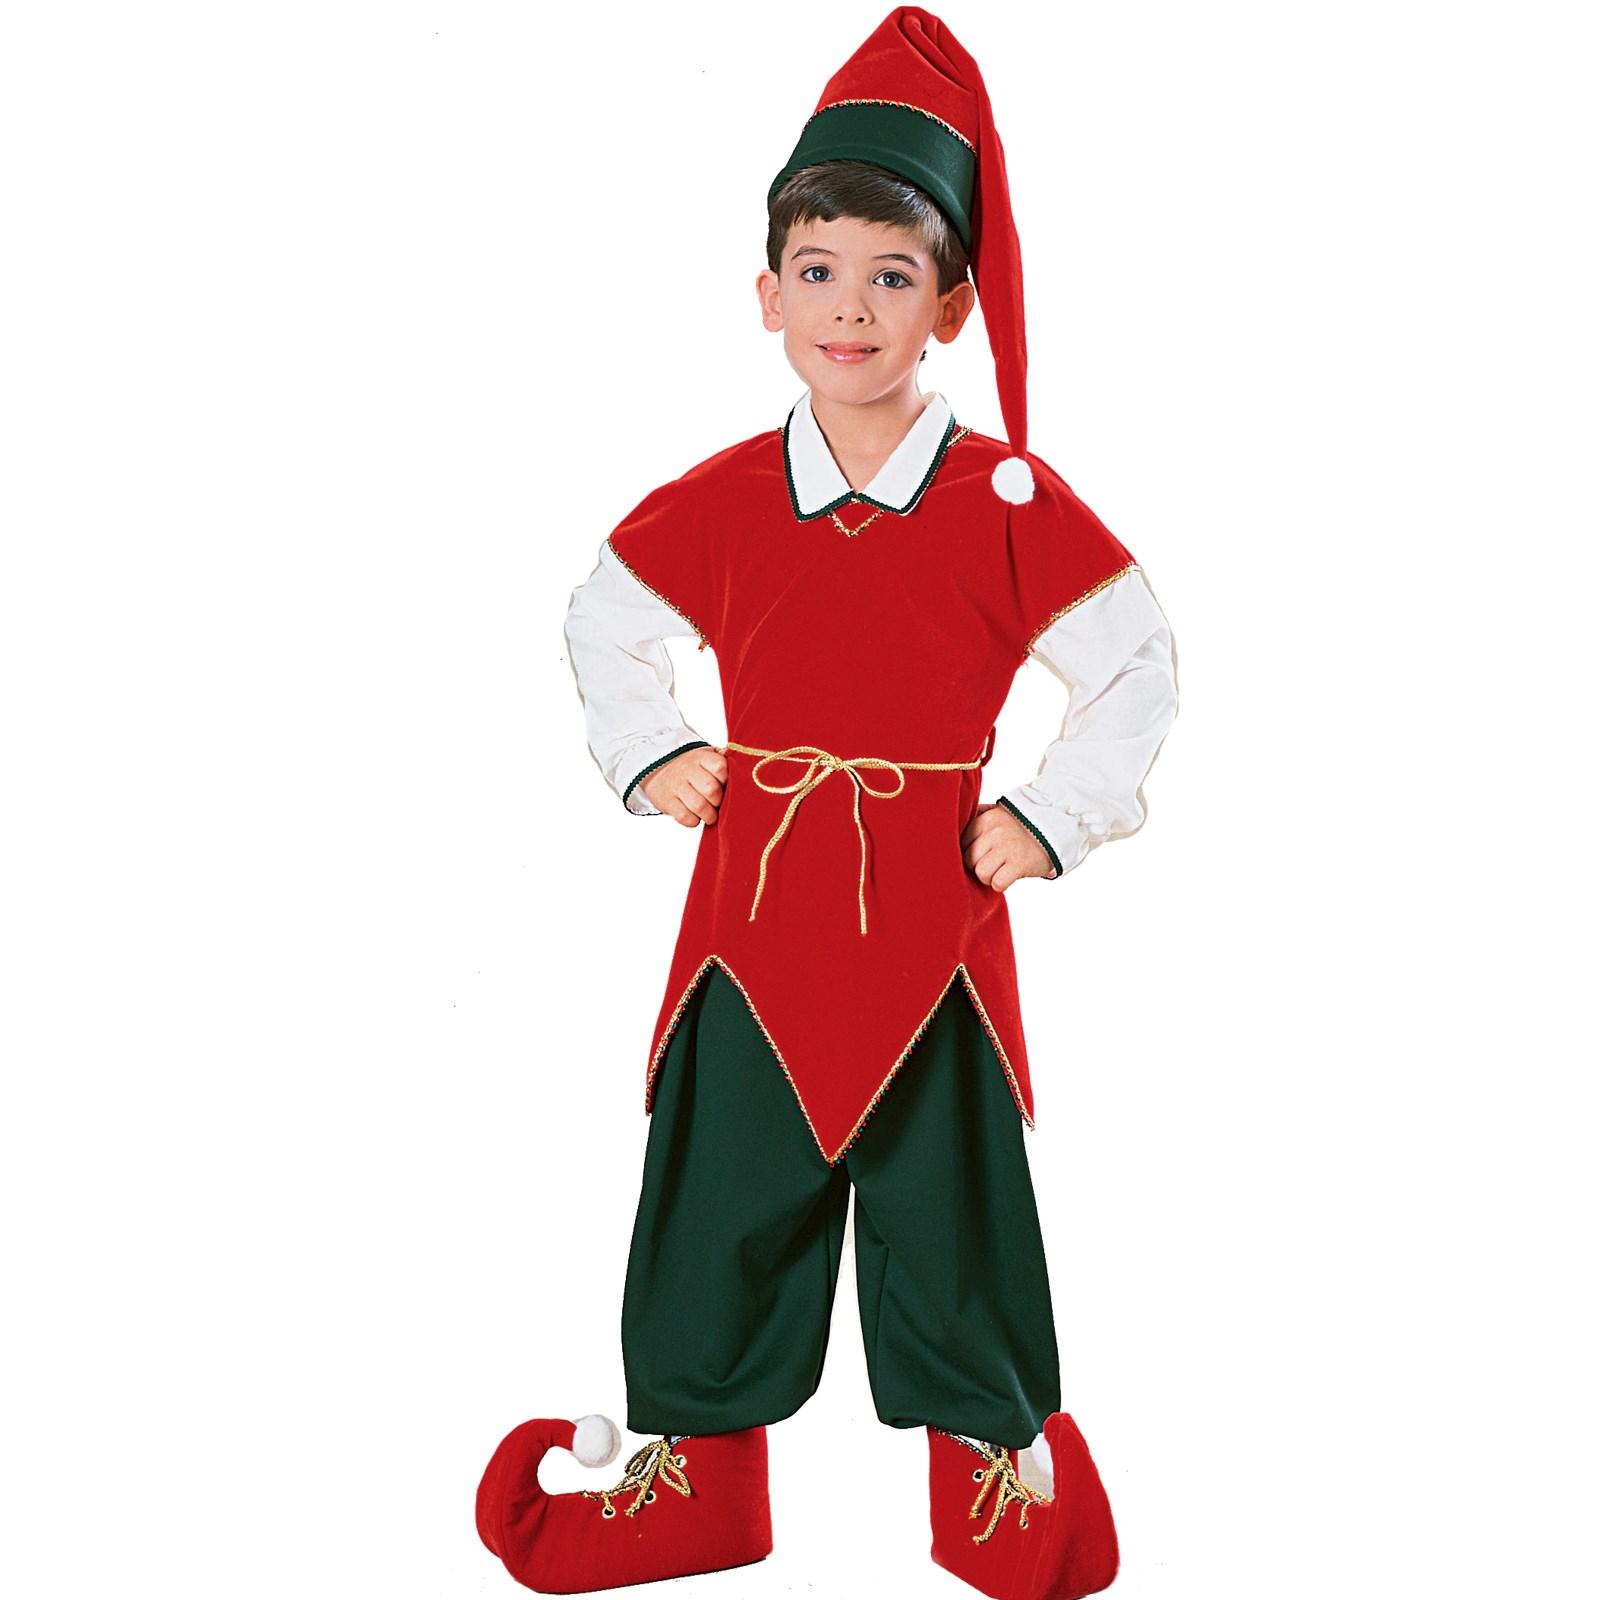 Christmas Costumes | BuyCostumes.com